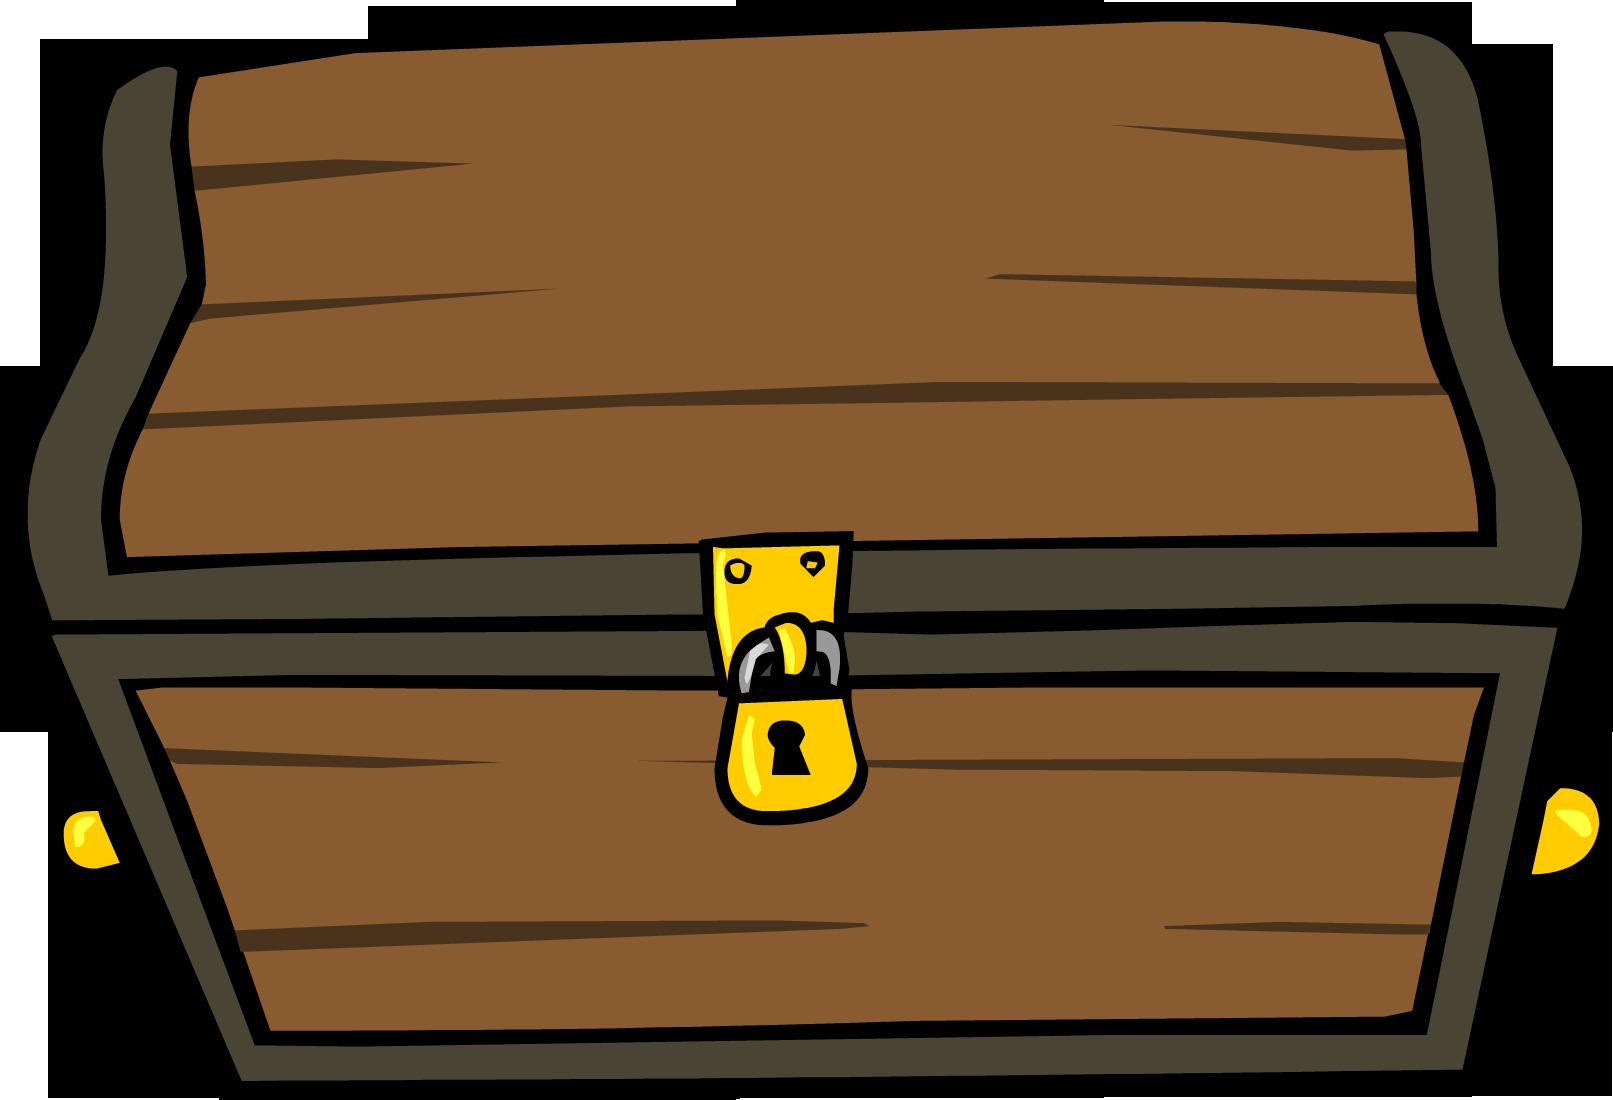 treasure chest  id 305  club penguin wiki fandom sea creatures clip art sea creatures clip art black and white